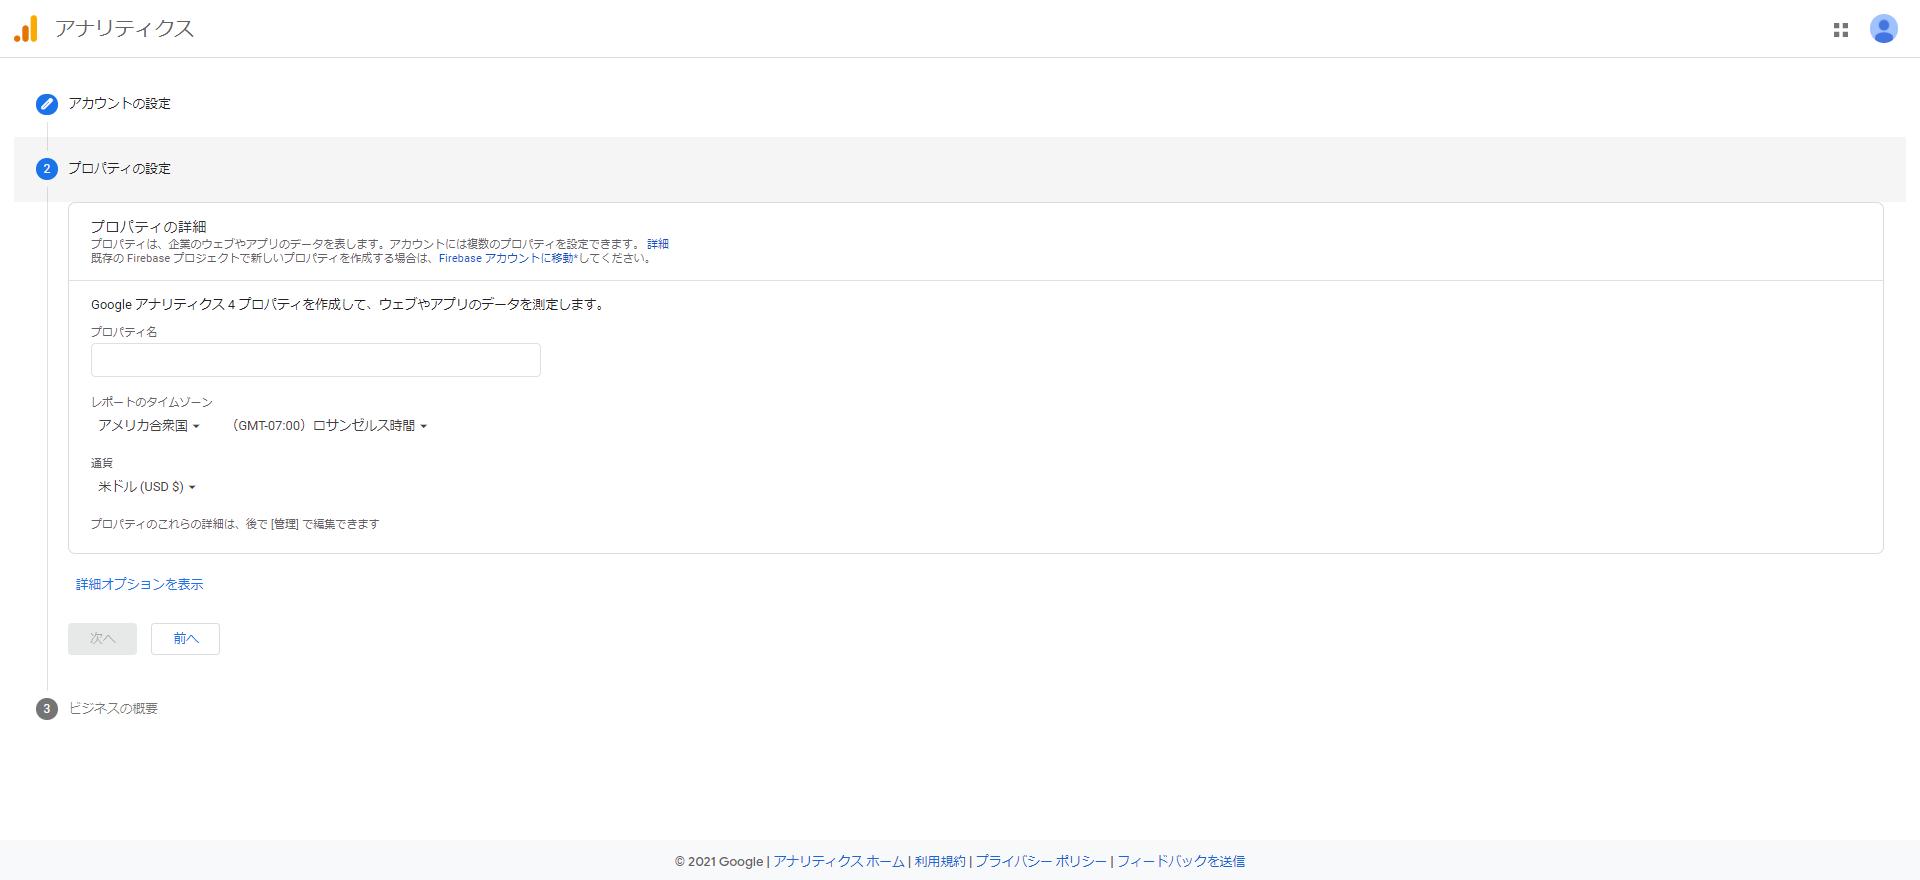 Googleアナリティクス プロパティの設定 プロパティの詳細